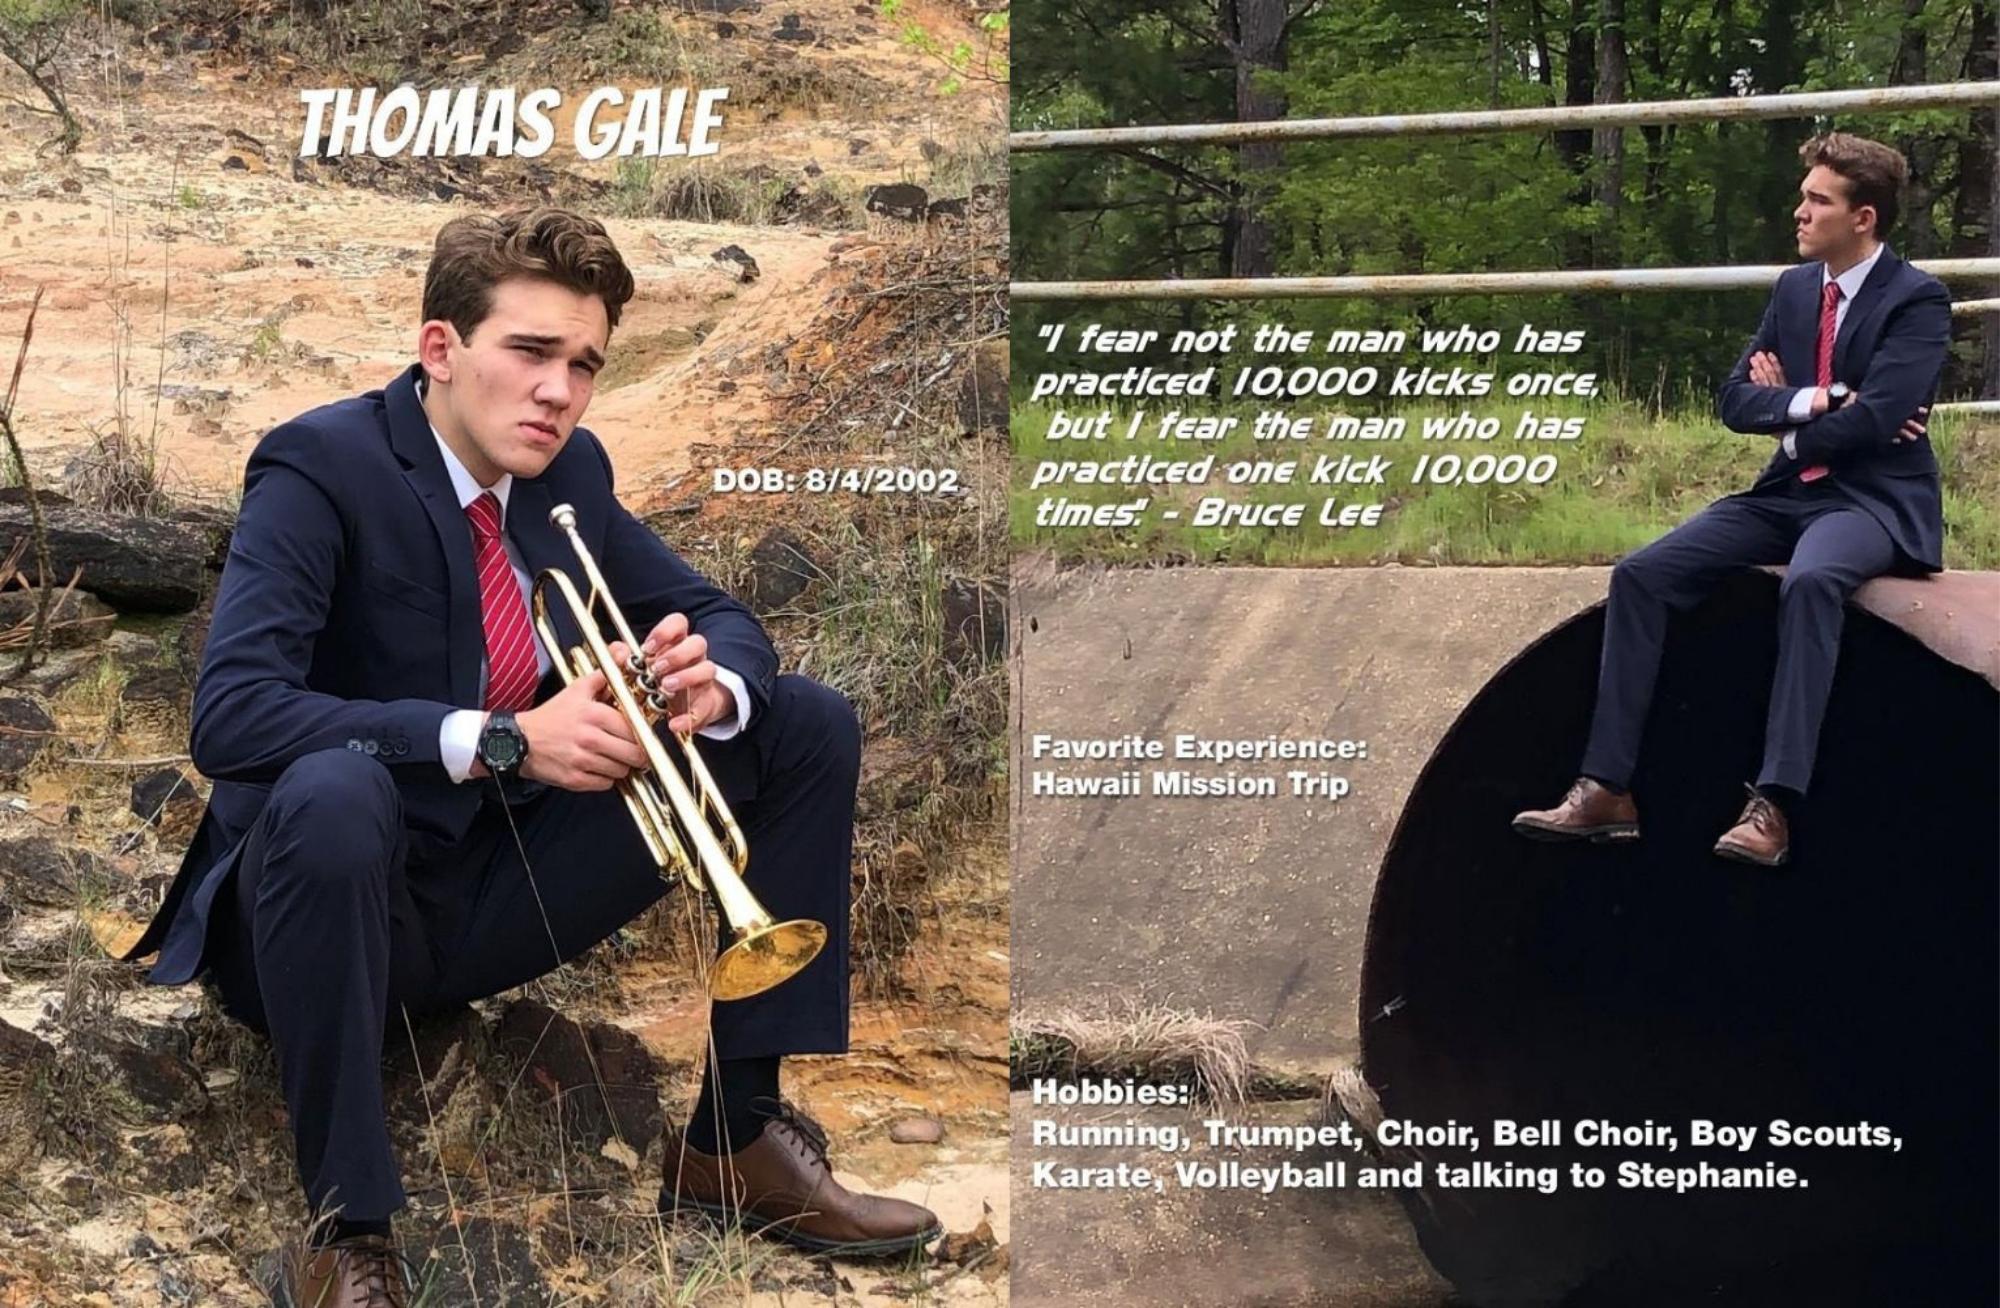 Gale, Thomas